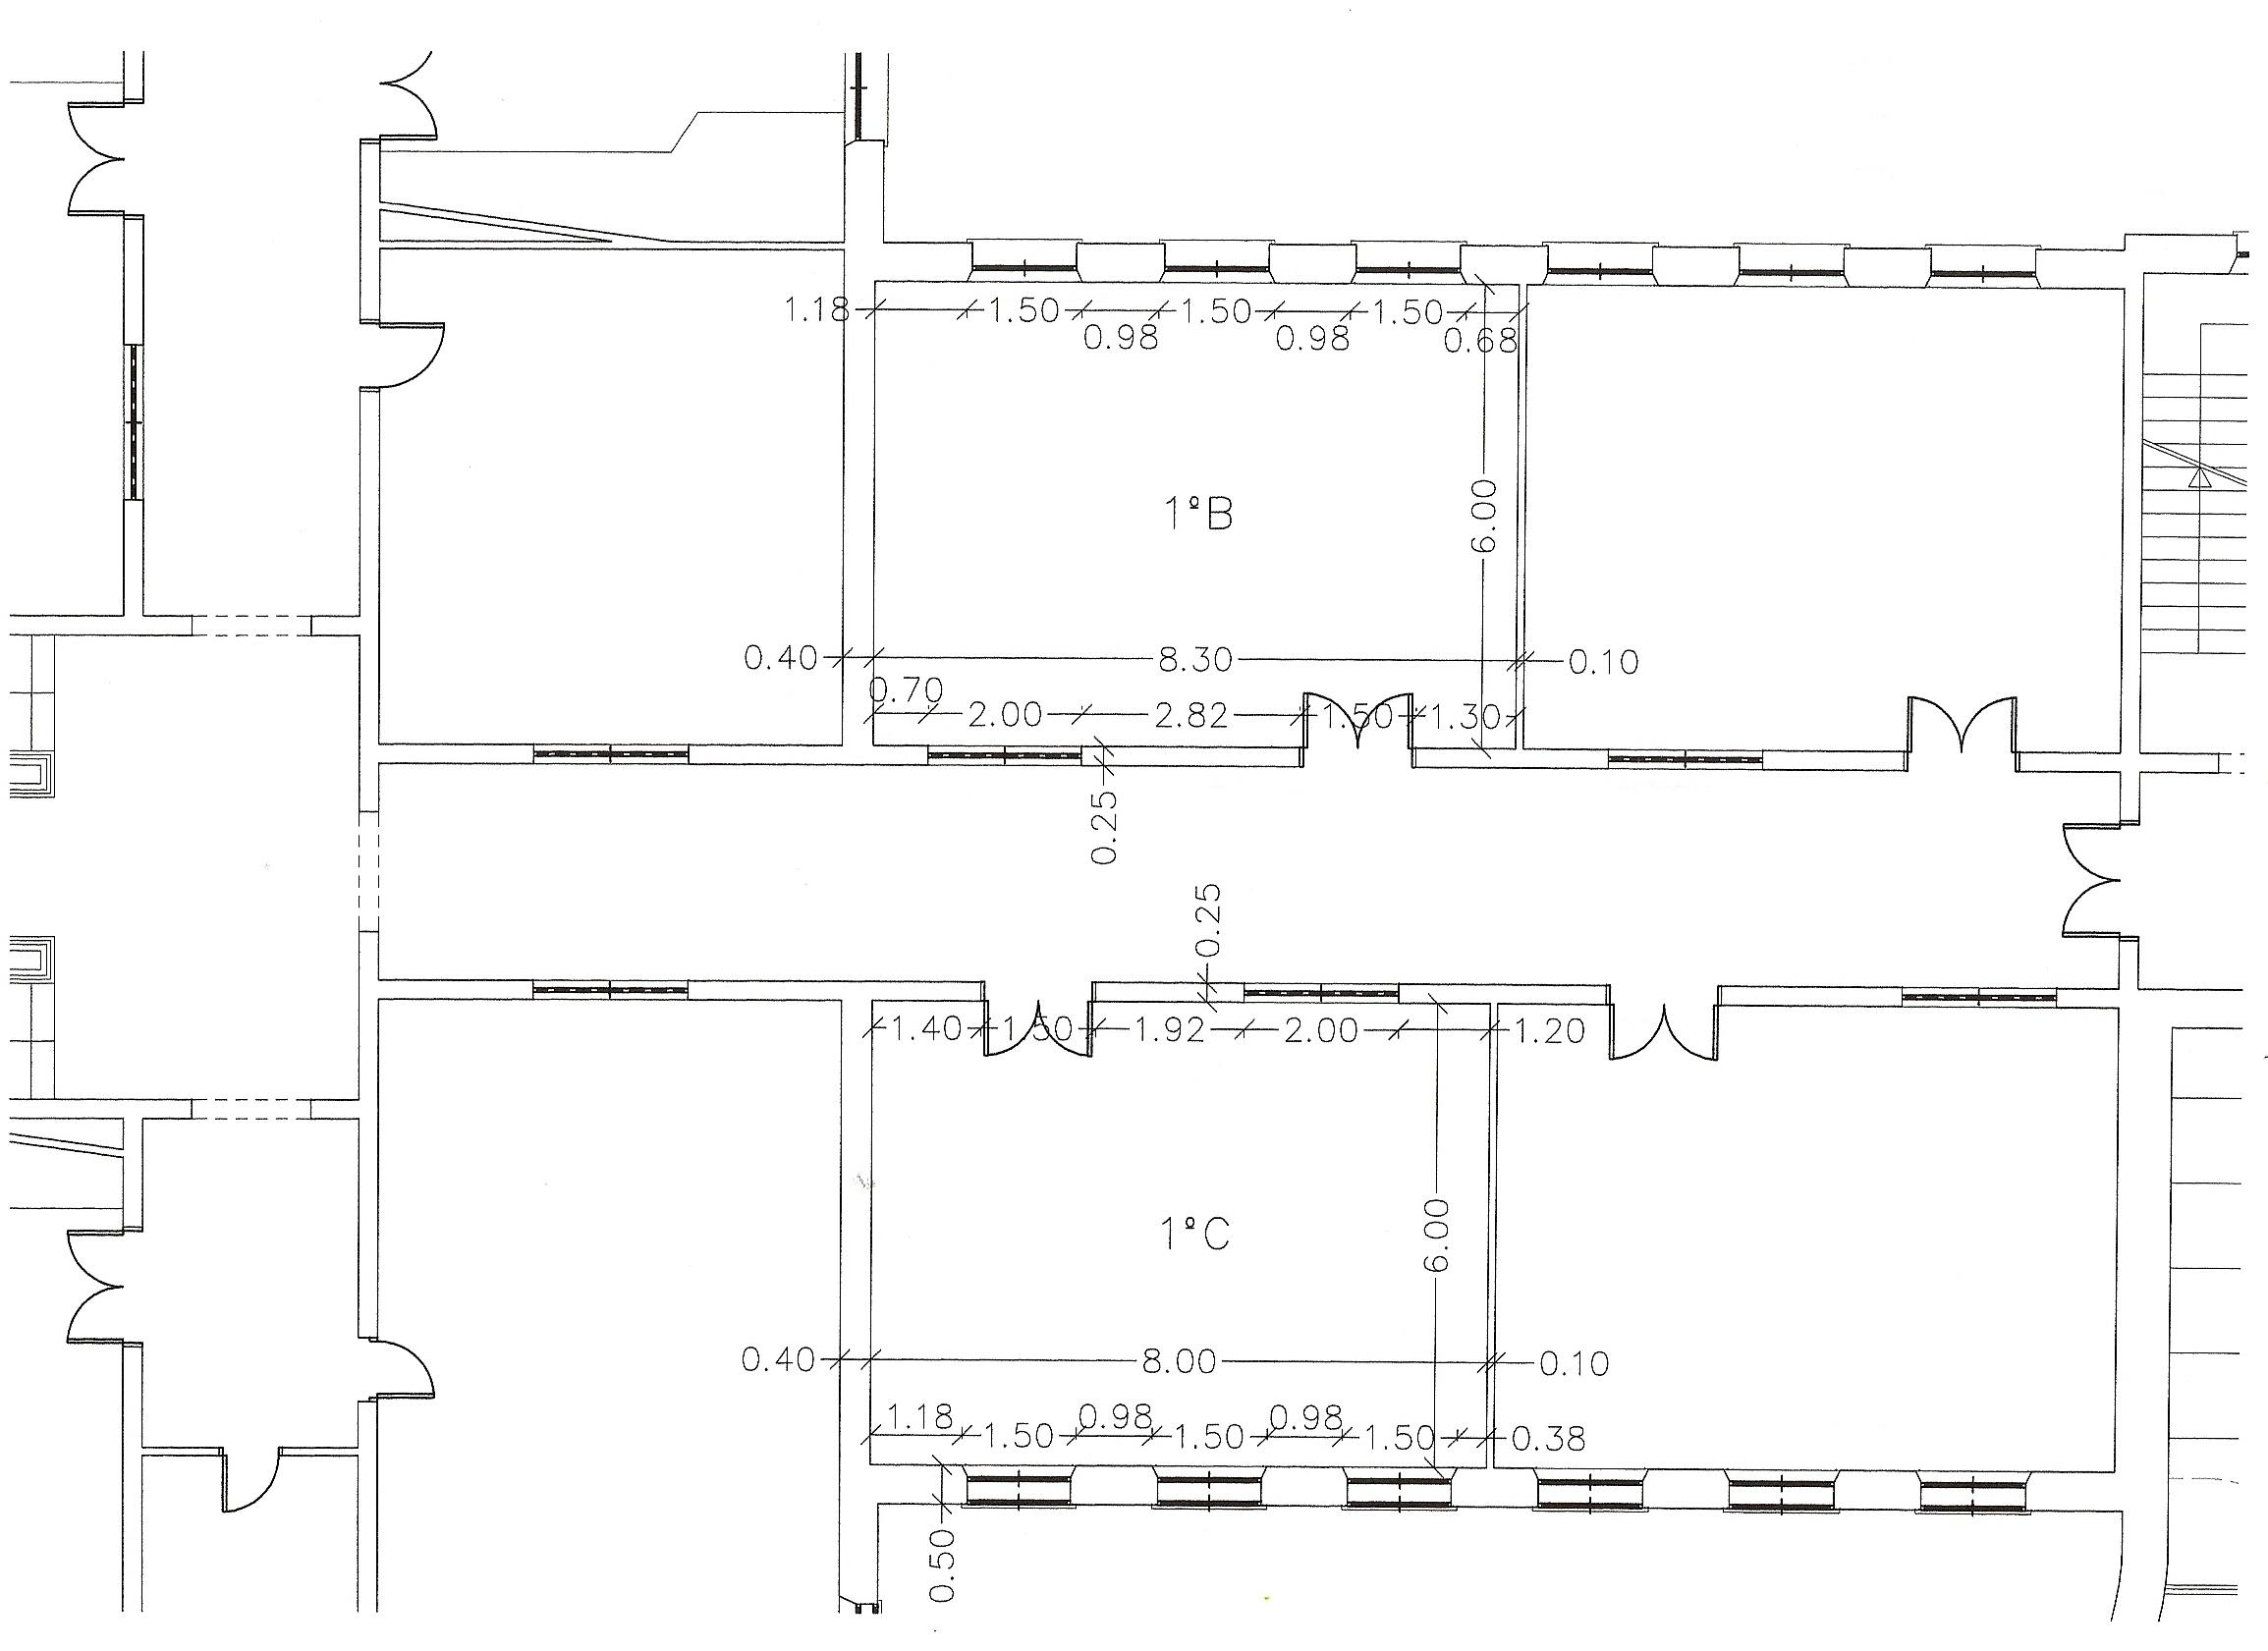 Dibuja tu clase a escala 1 50 matem ticas d nde est s for Muebles a escala 1 50 para planos